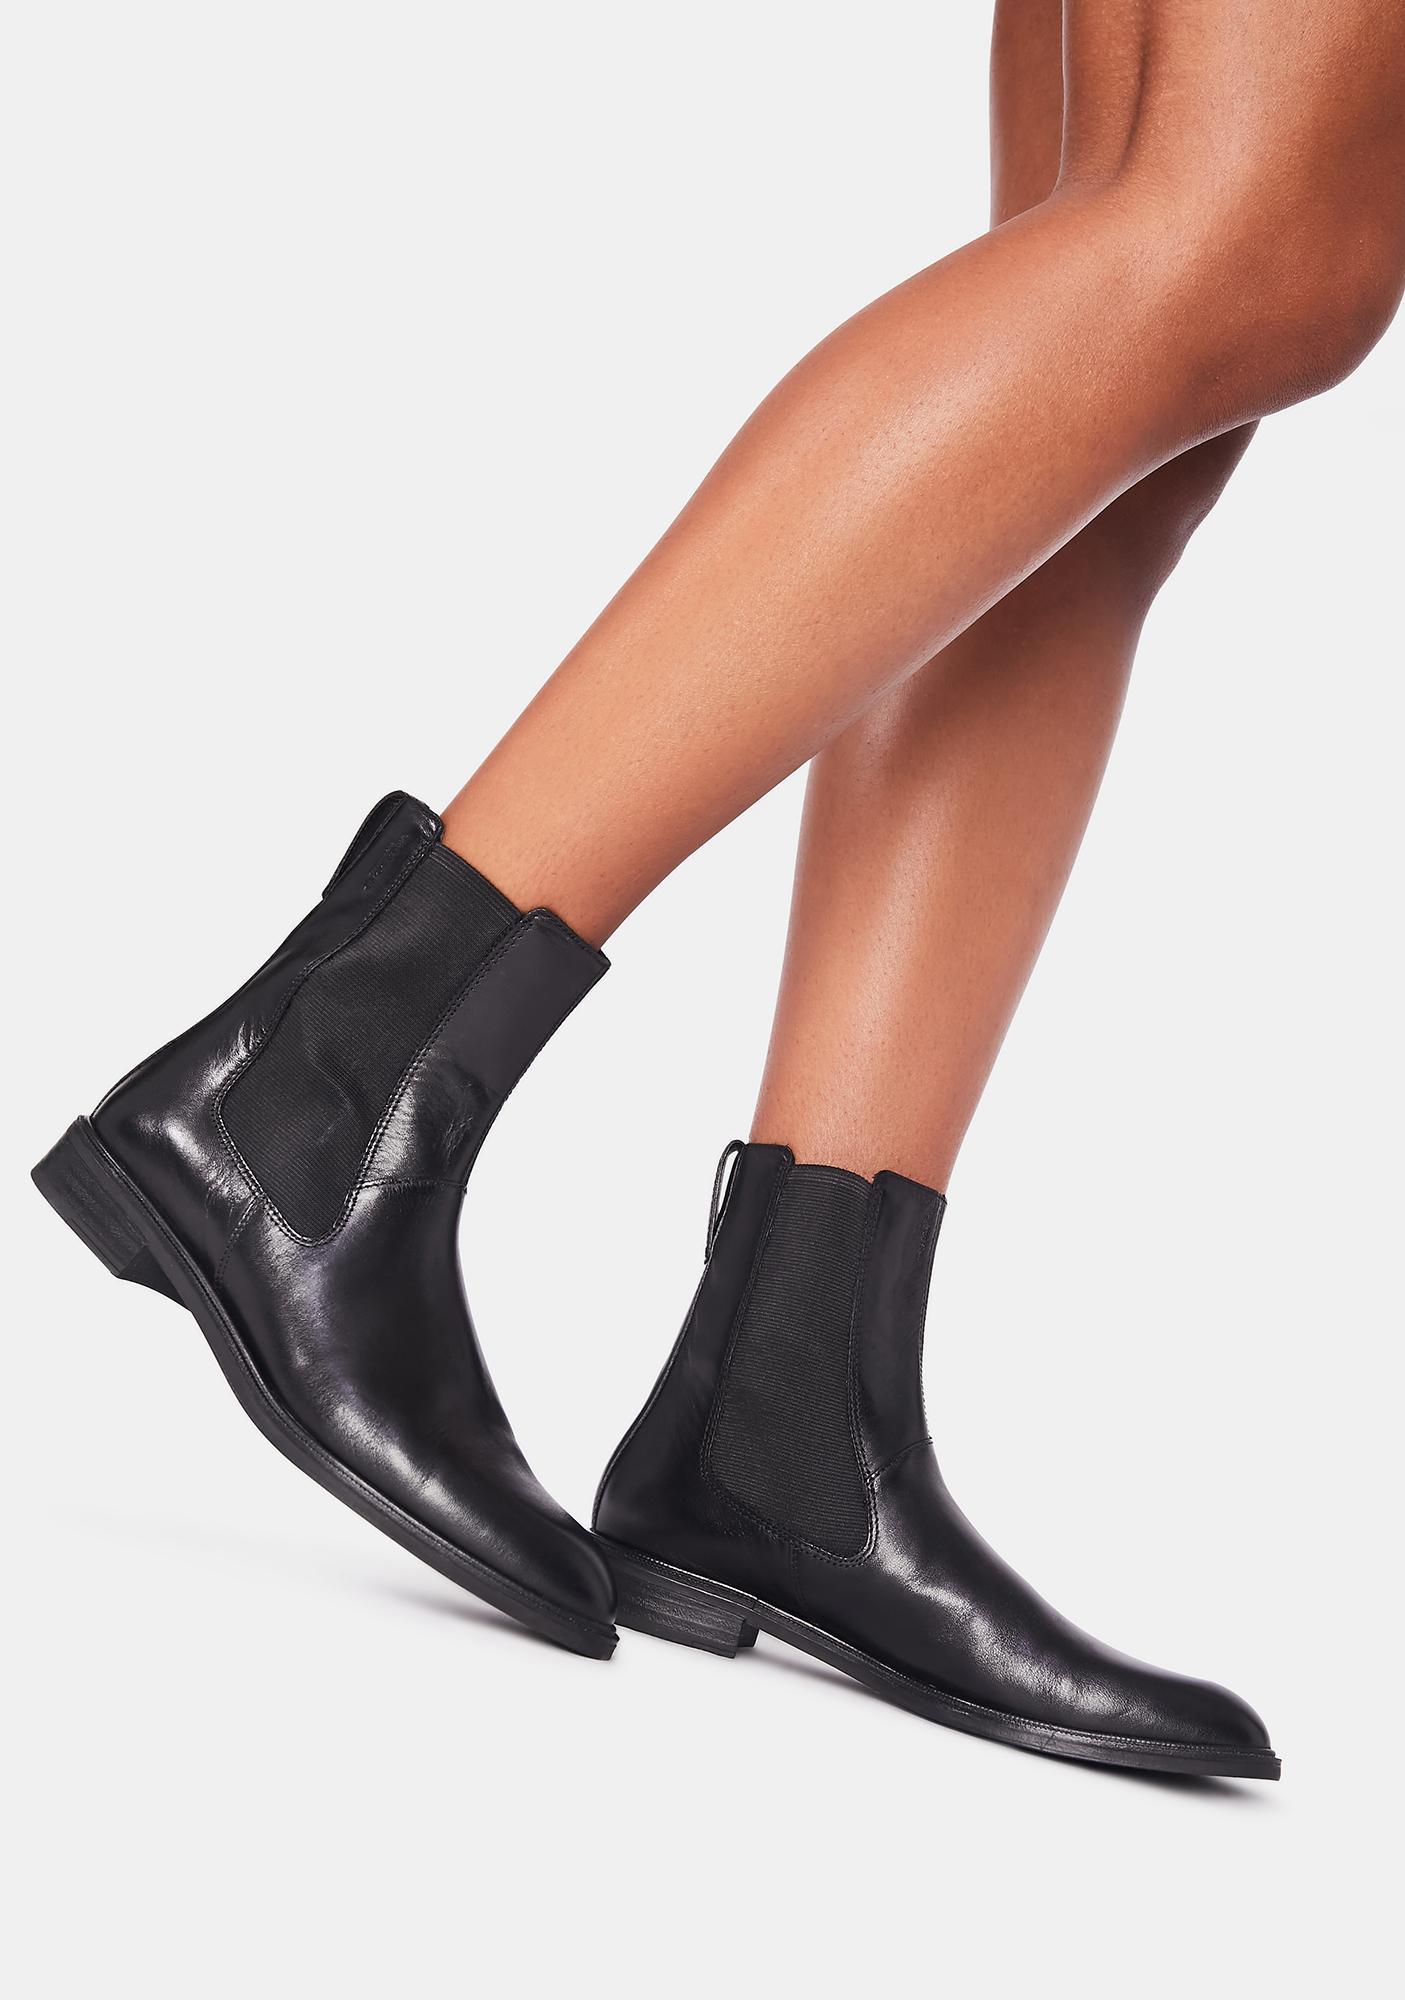 VAGABOND SHOEMAKERS Frances Boots